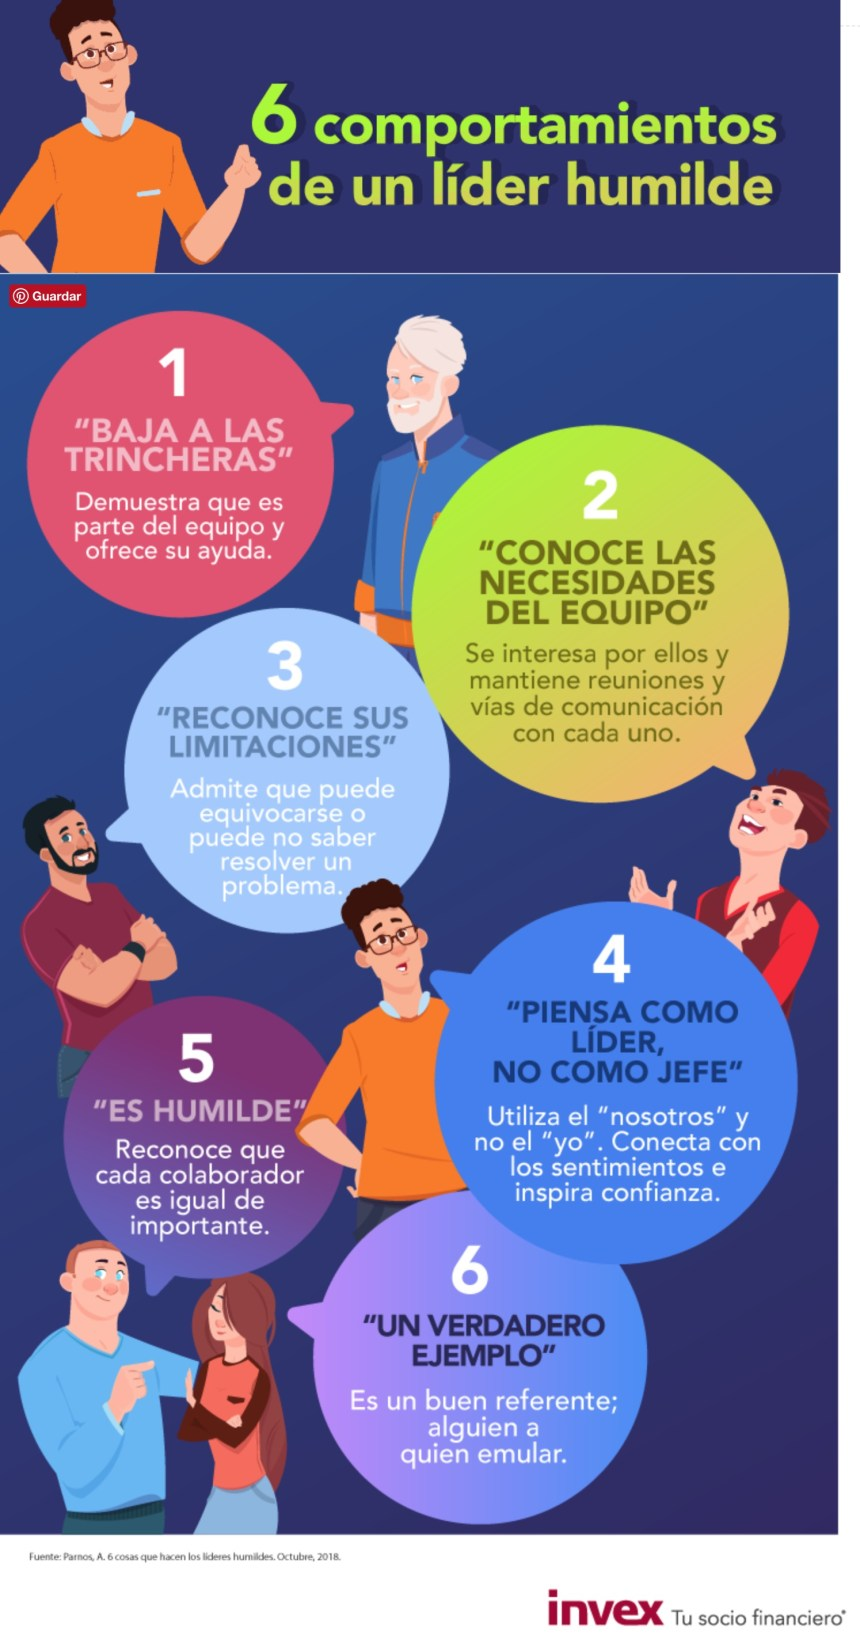 6 comportamientos de un líder humilde